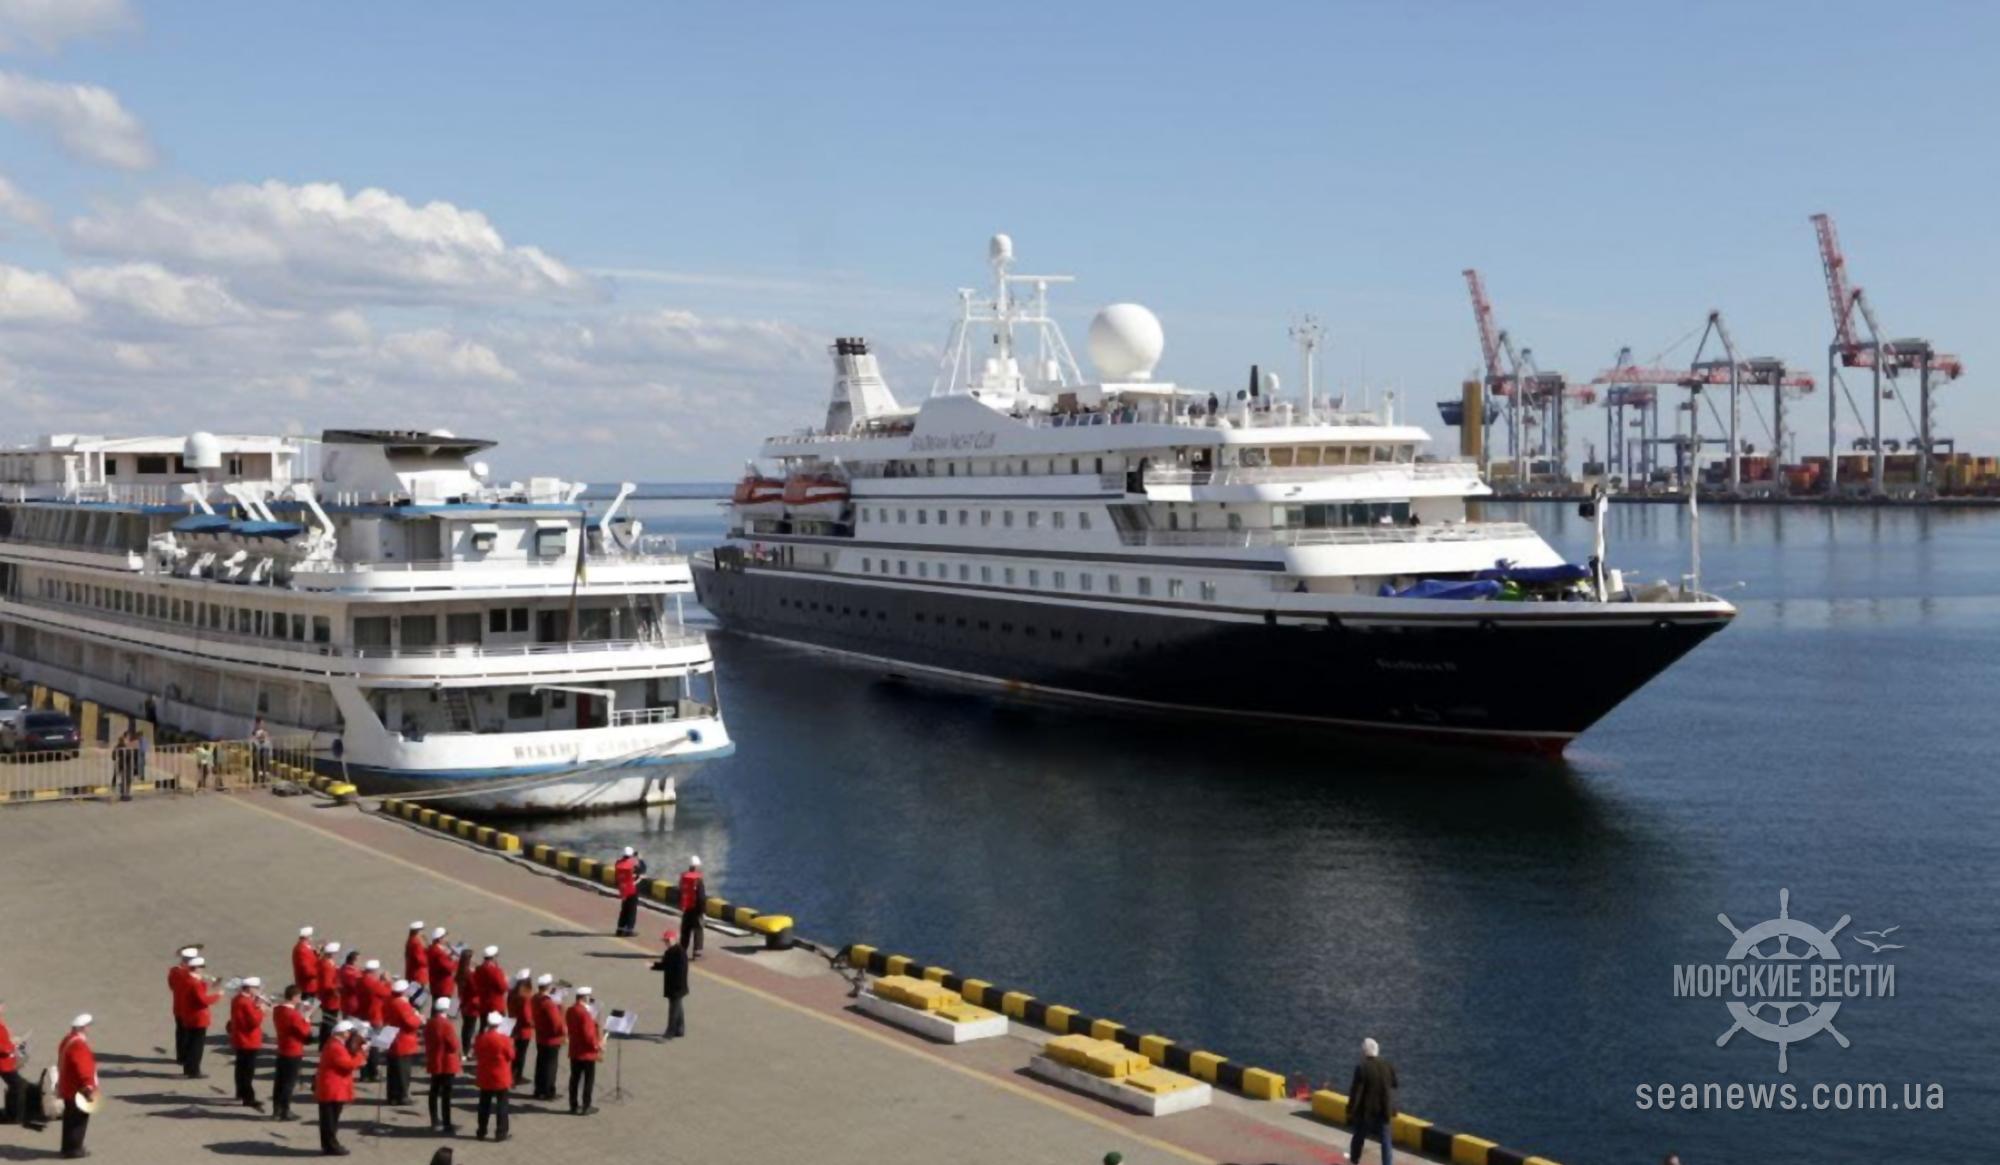 В Одессу зашел круизный лайнер